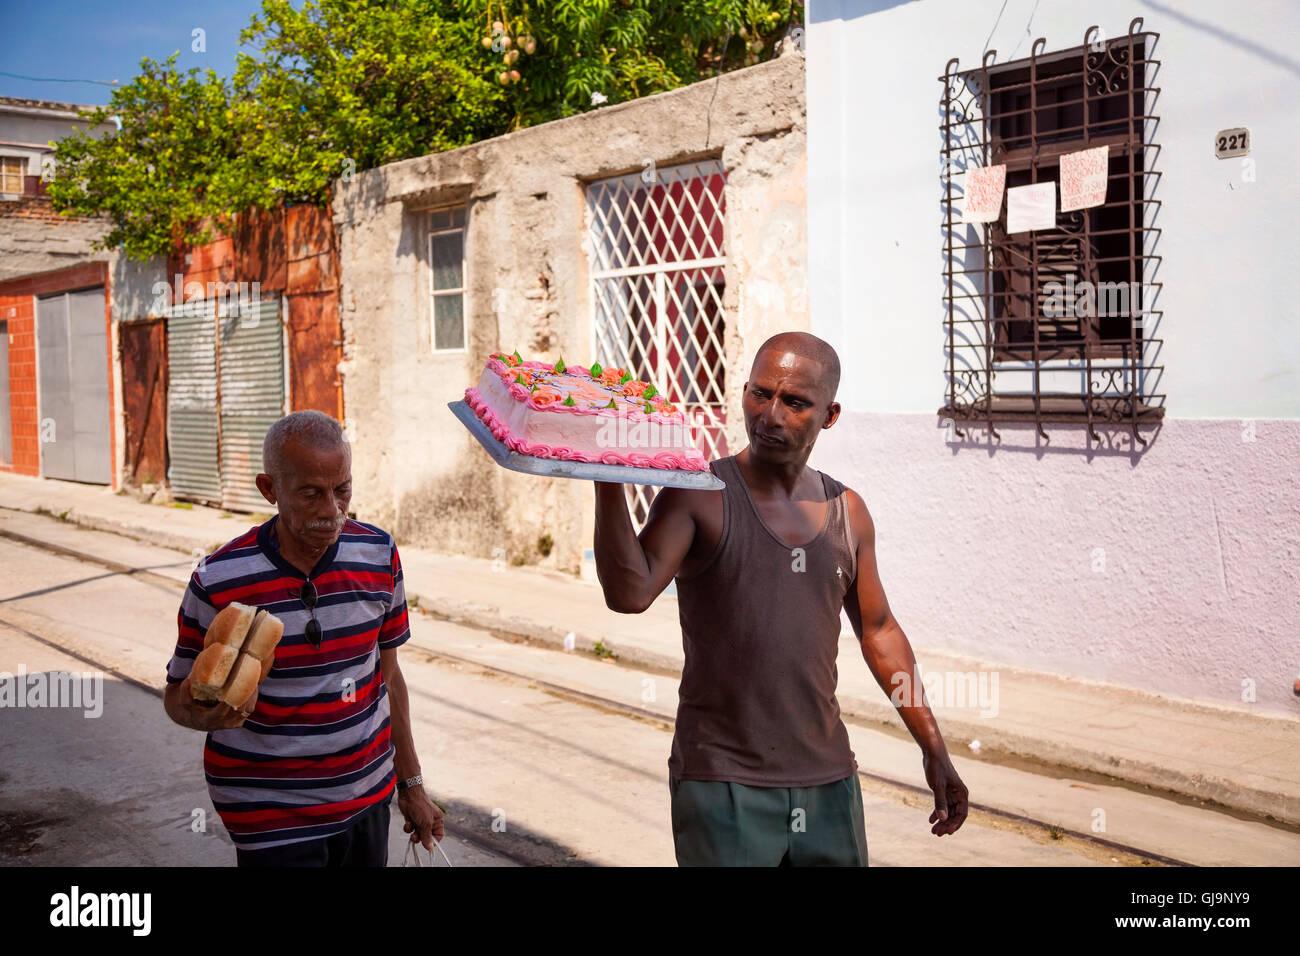 Eine kubanische tragen einen Kuchen auf der Straße in der Gemeinde von Regla, Havanna, Kuba. Stockbild